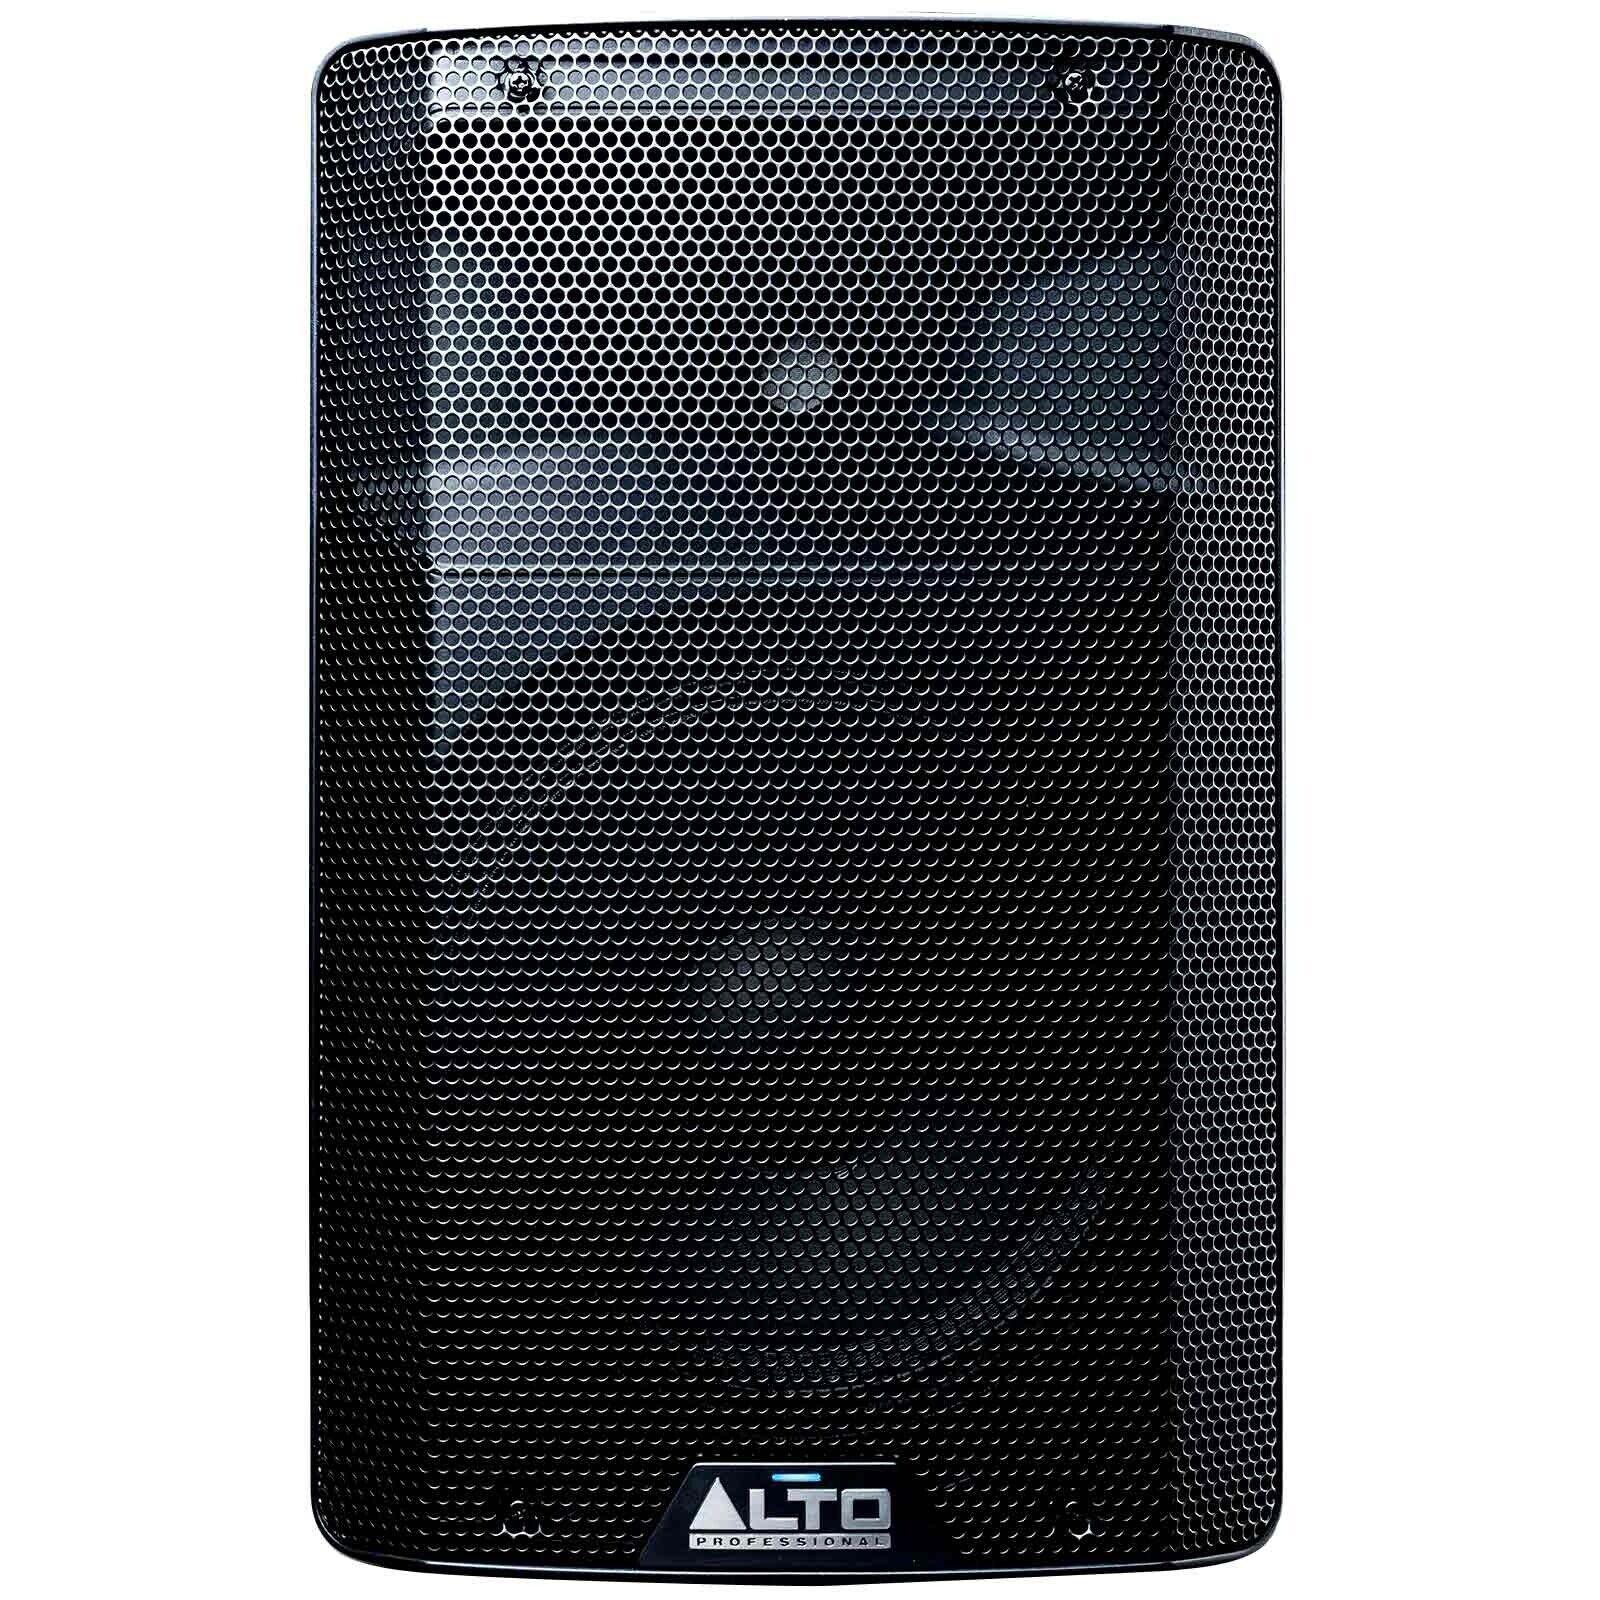 Alto TX210 10